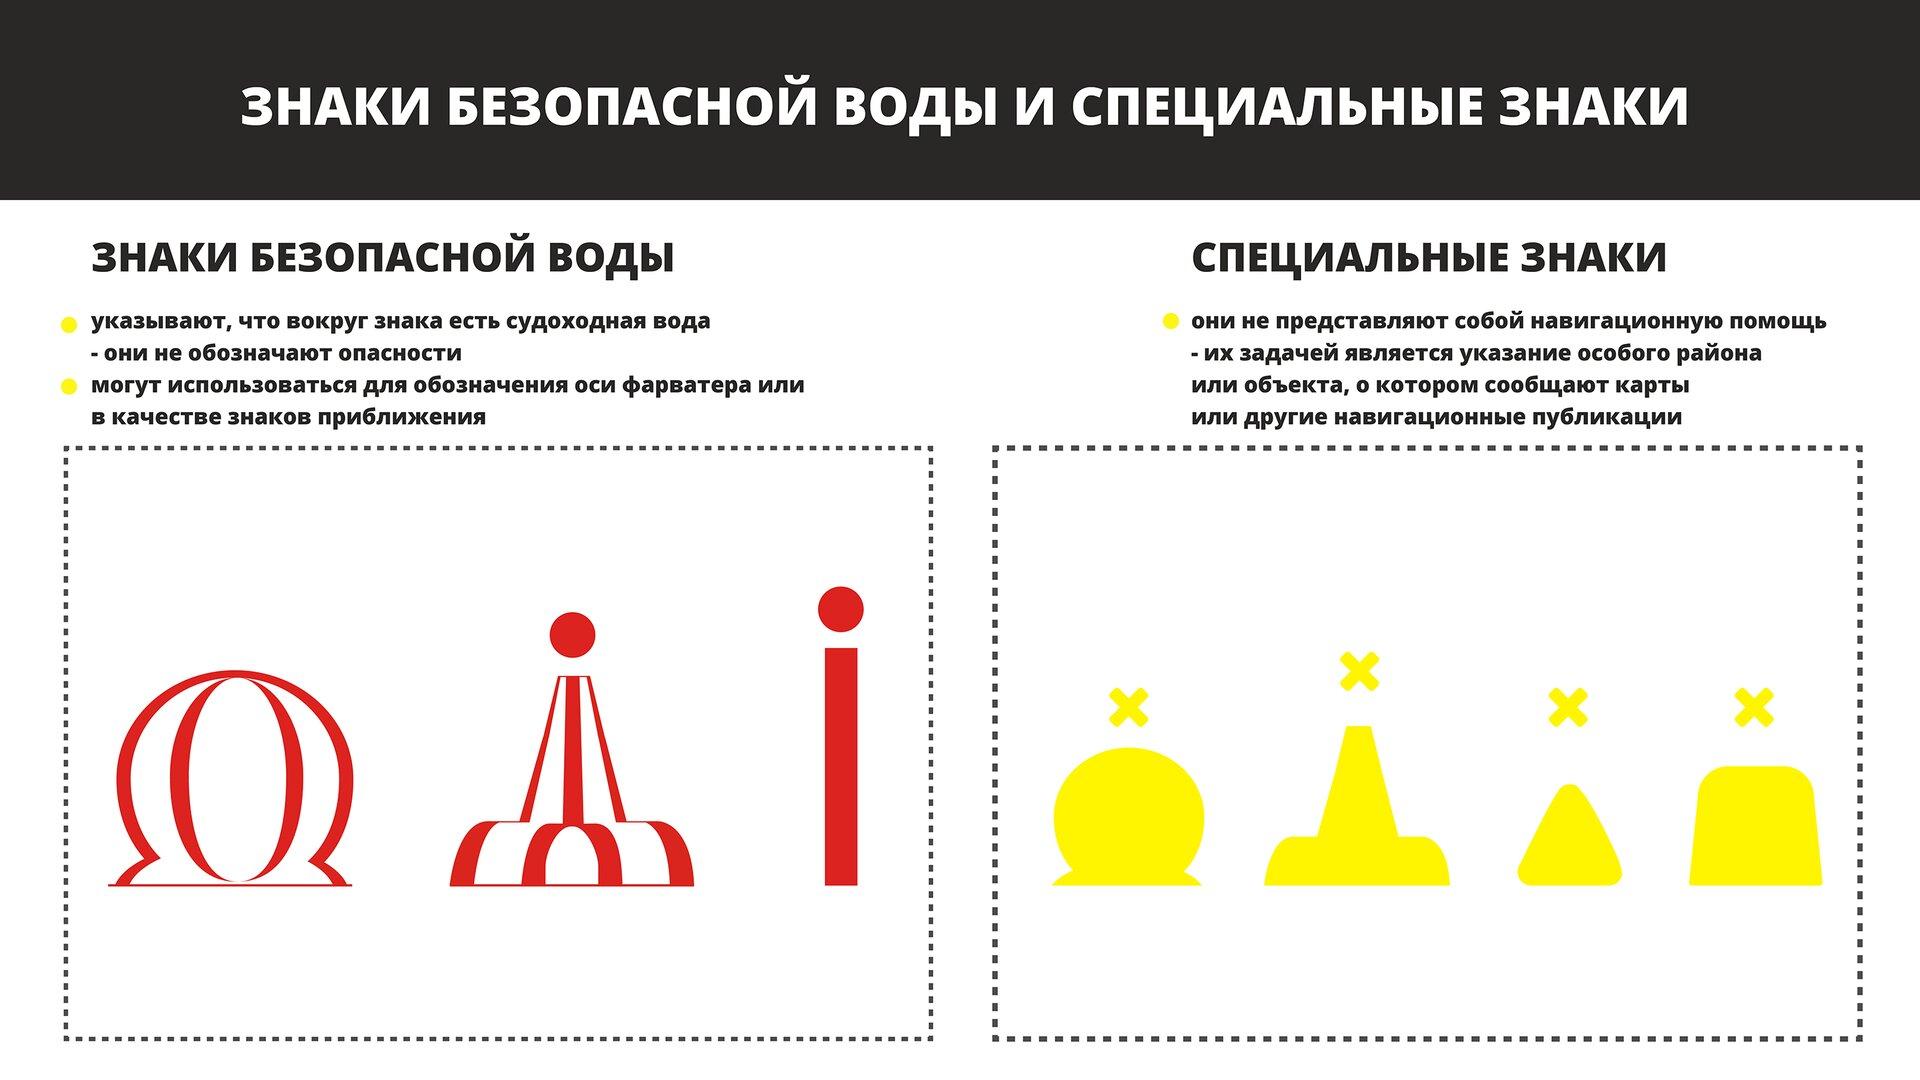 На изображении представлены знаки безопасной воды и специальные знаки. Grafika przedstawia znaki bezpiecznej wody iznaki specjalne.